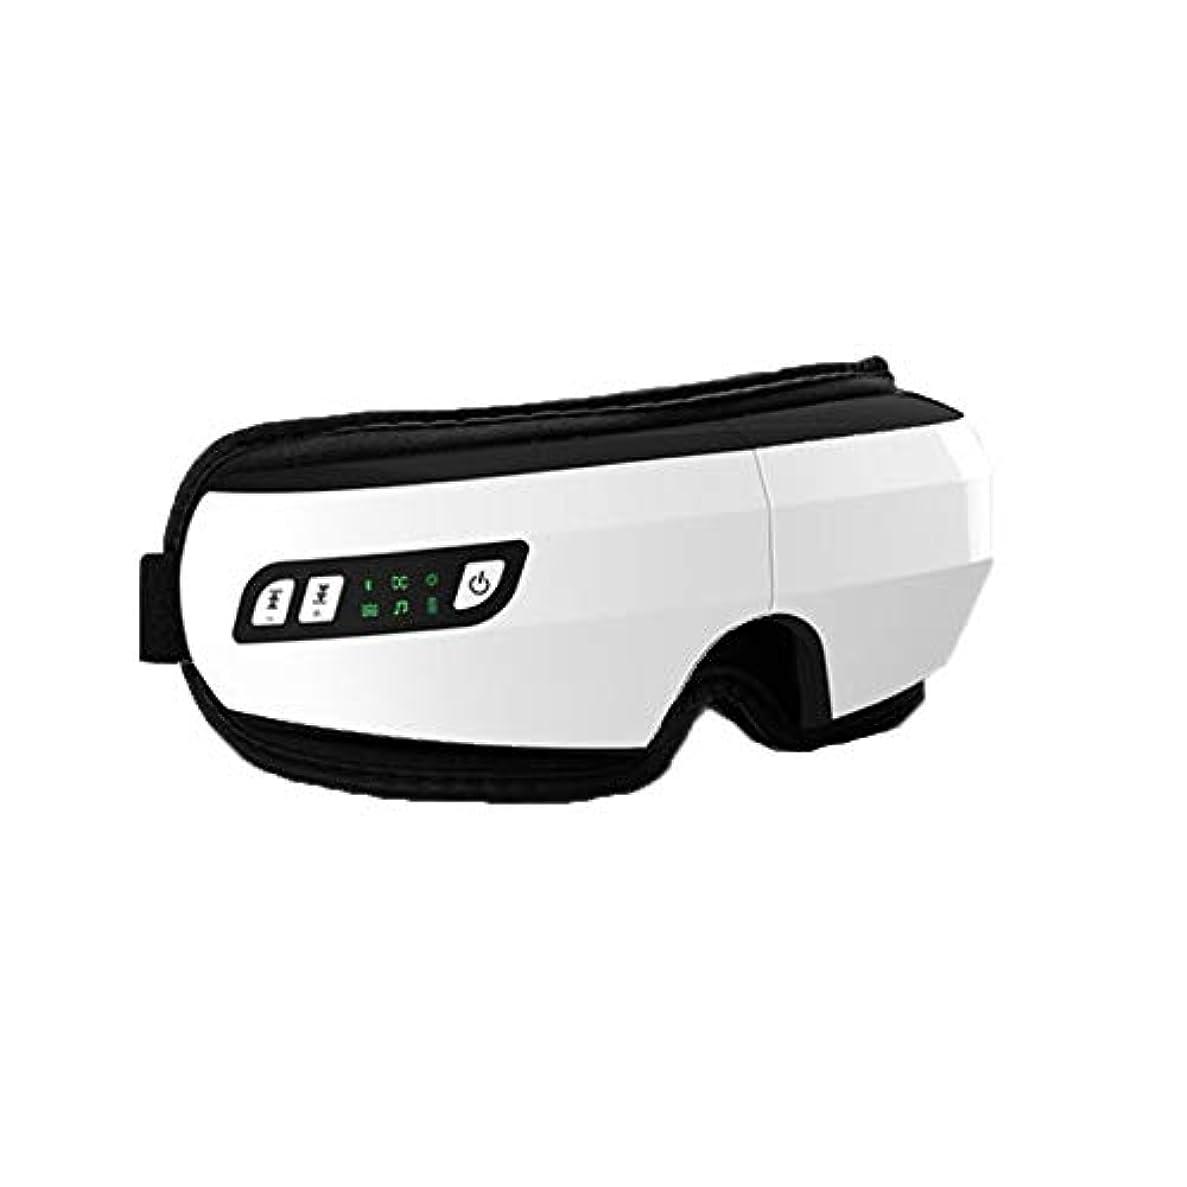 持続する苦味召集するマッサージャー - 熱い湿布は近視の黒い目の声の振動目の保護の器械を取り除きます (Color : White)